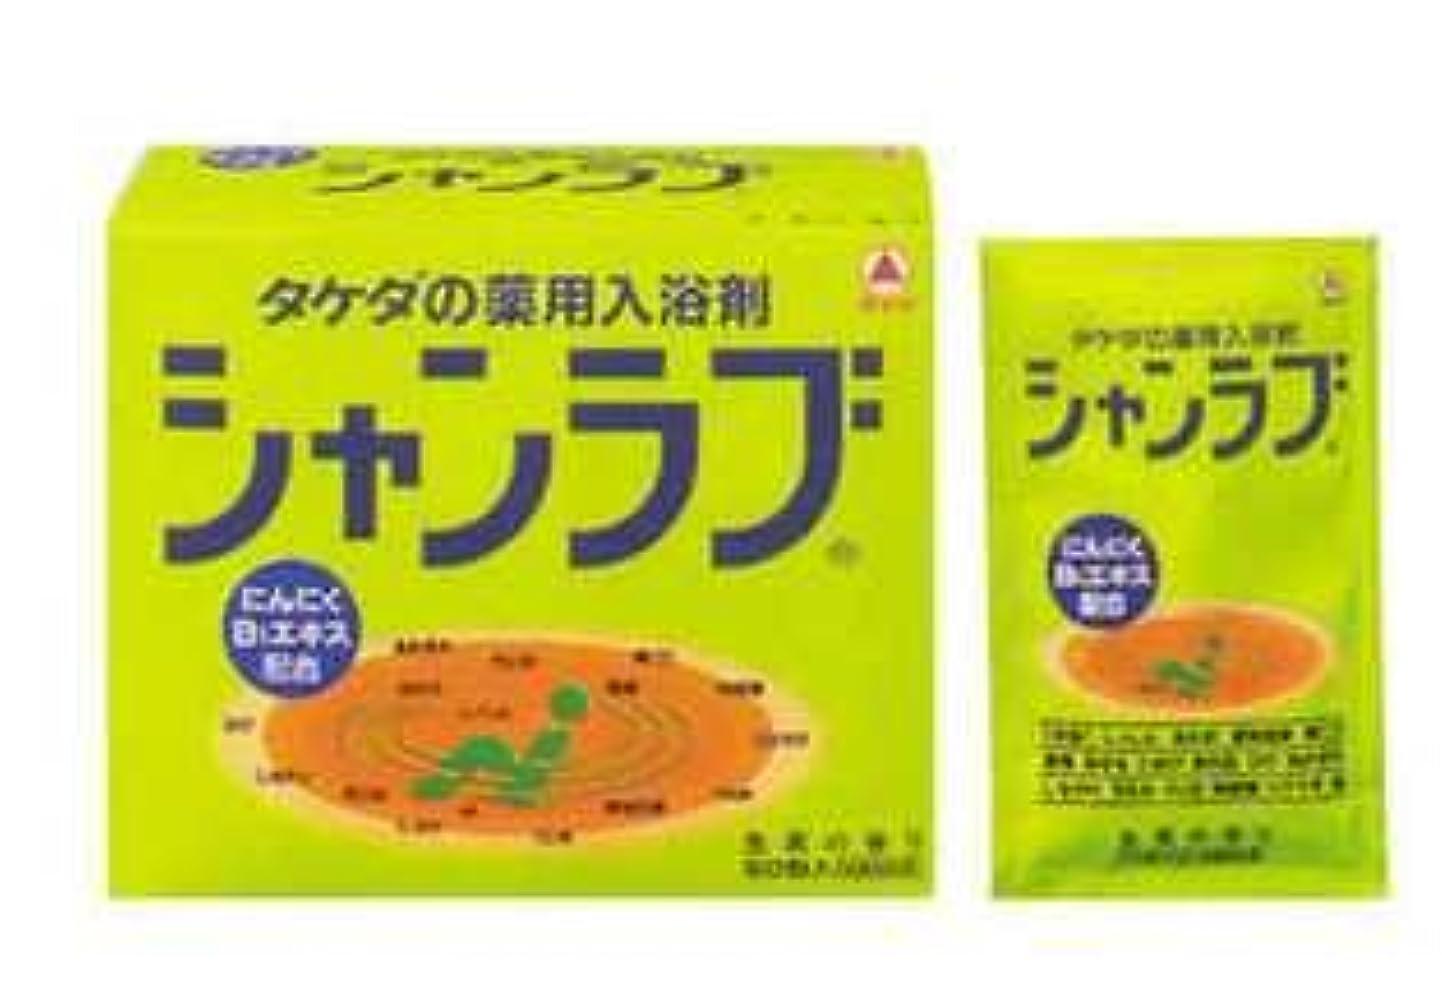 シャンラブ  30g×20包  武田薬品【医薬部外品】